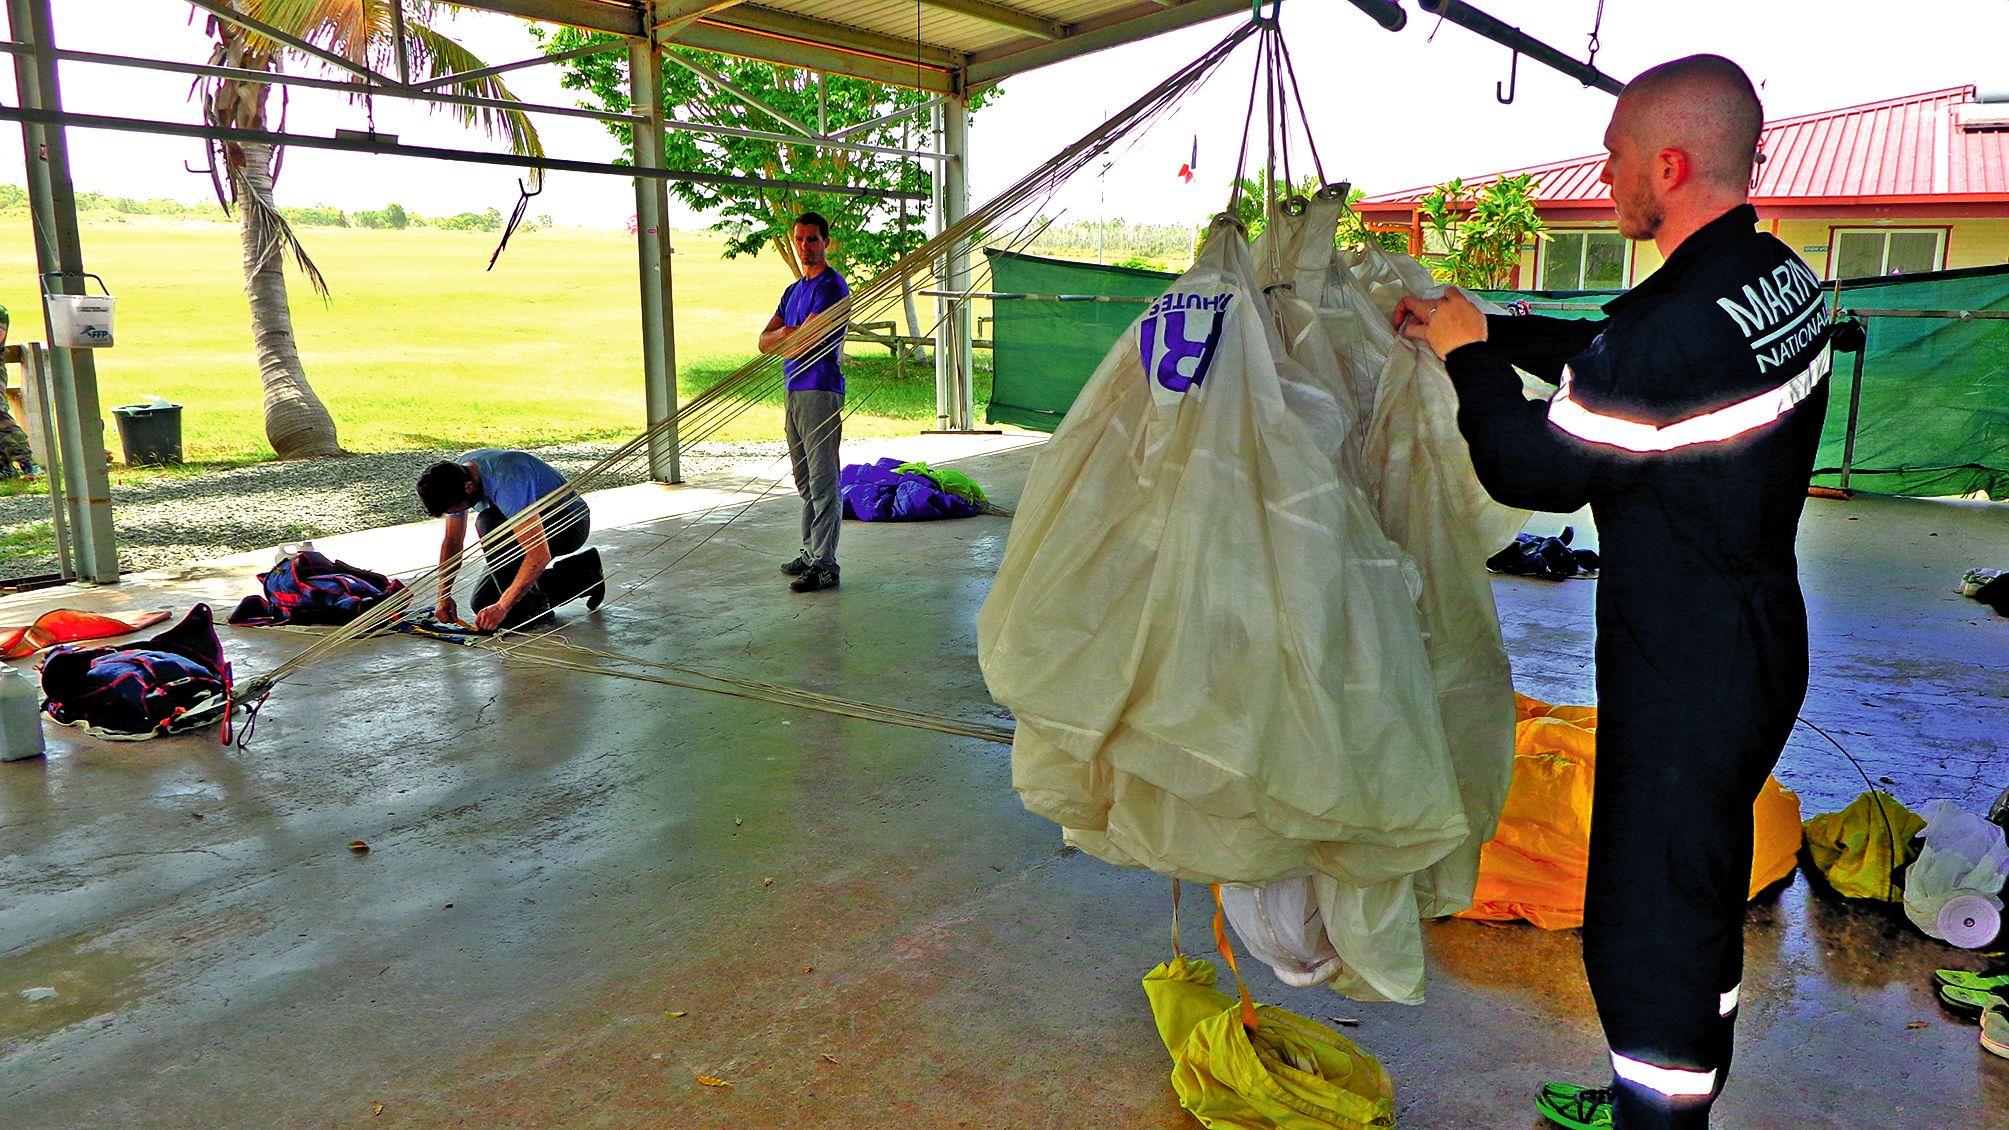 Le pliage du parachute est un exercice qui paraît difficile mais qui est effectué avec beaucoup d\'attention et de sérieux pour éviter les mauvaises surprises.